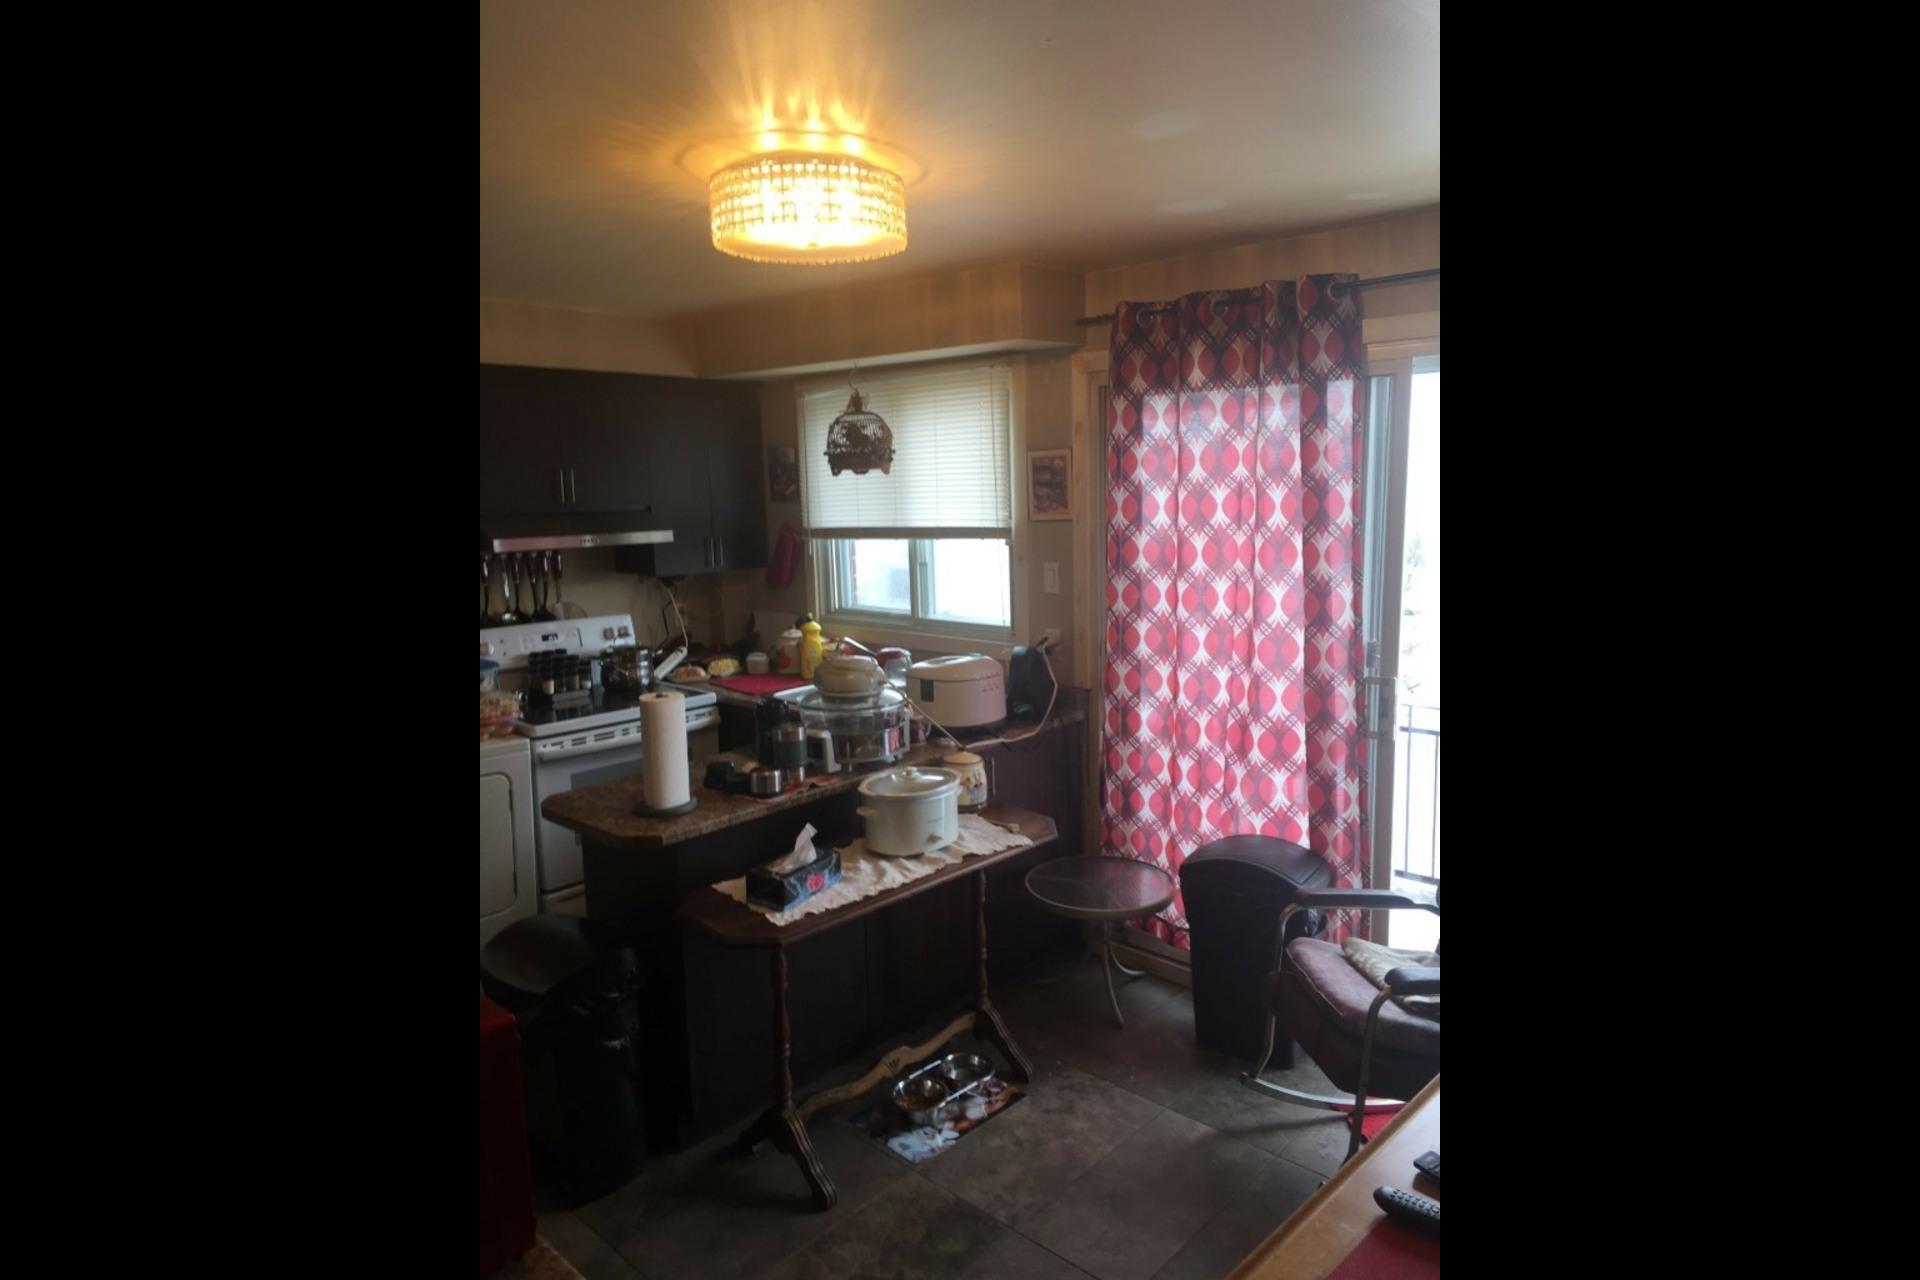 image 2 - Appartement À louer Montréal Mercier - 3 pièces